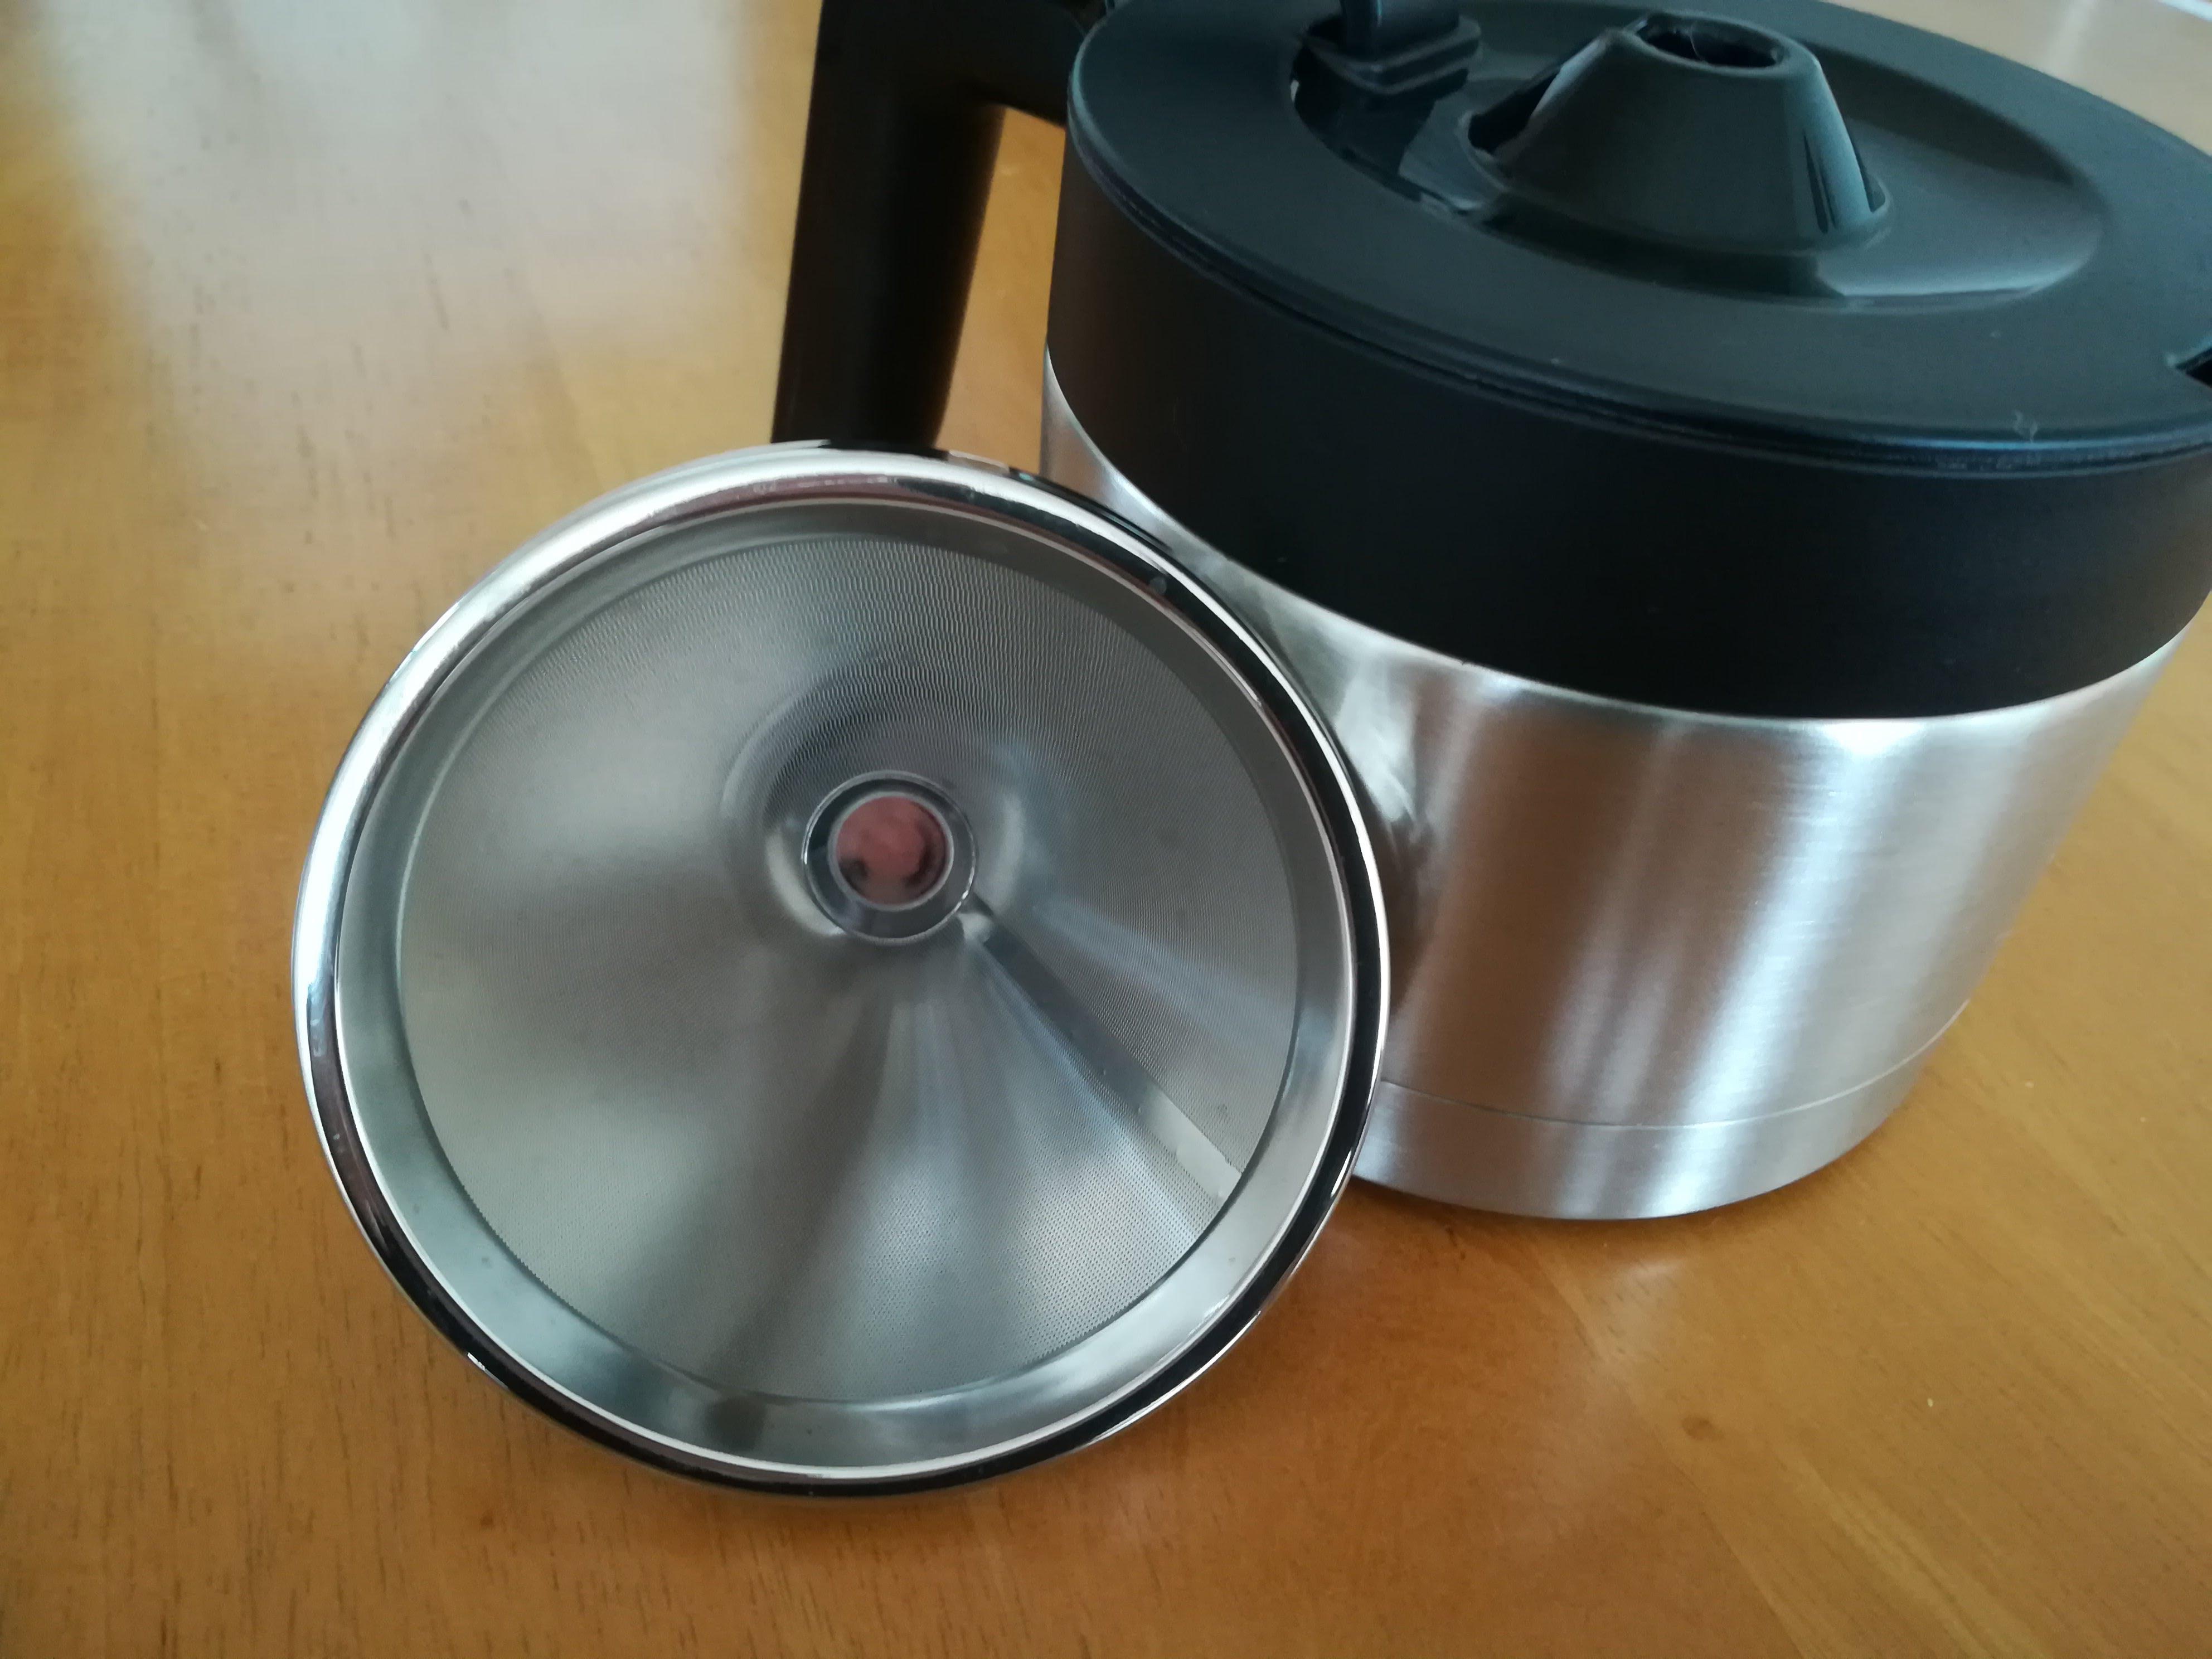 siroca コーヒーメーカー SC-C122のステンレスフィルター